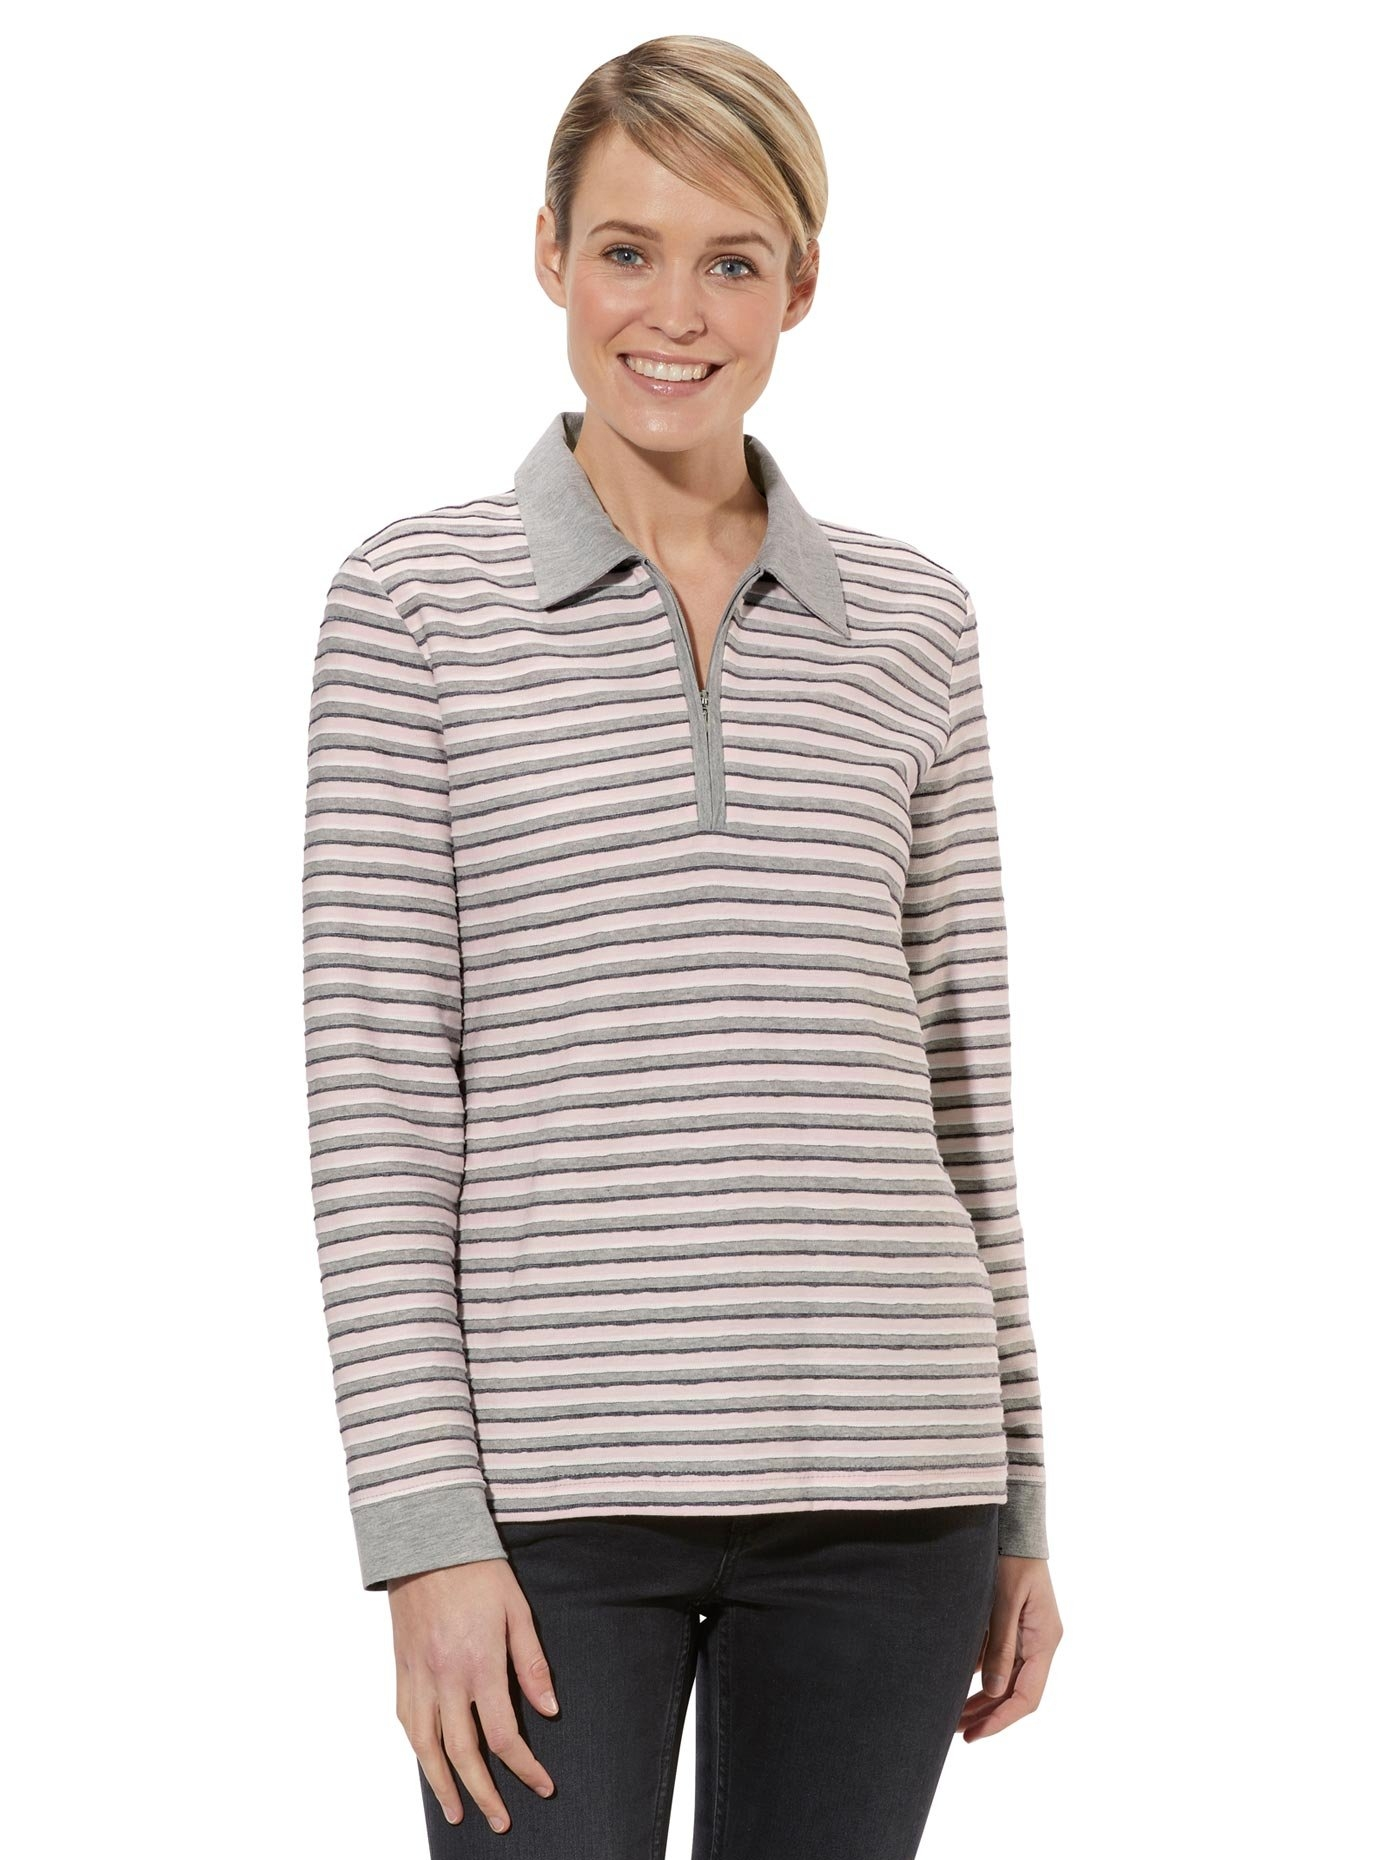 Casual Looks Poloshirt bij OTTO online kopen